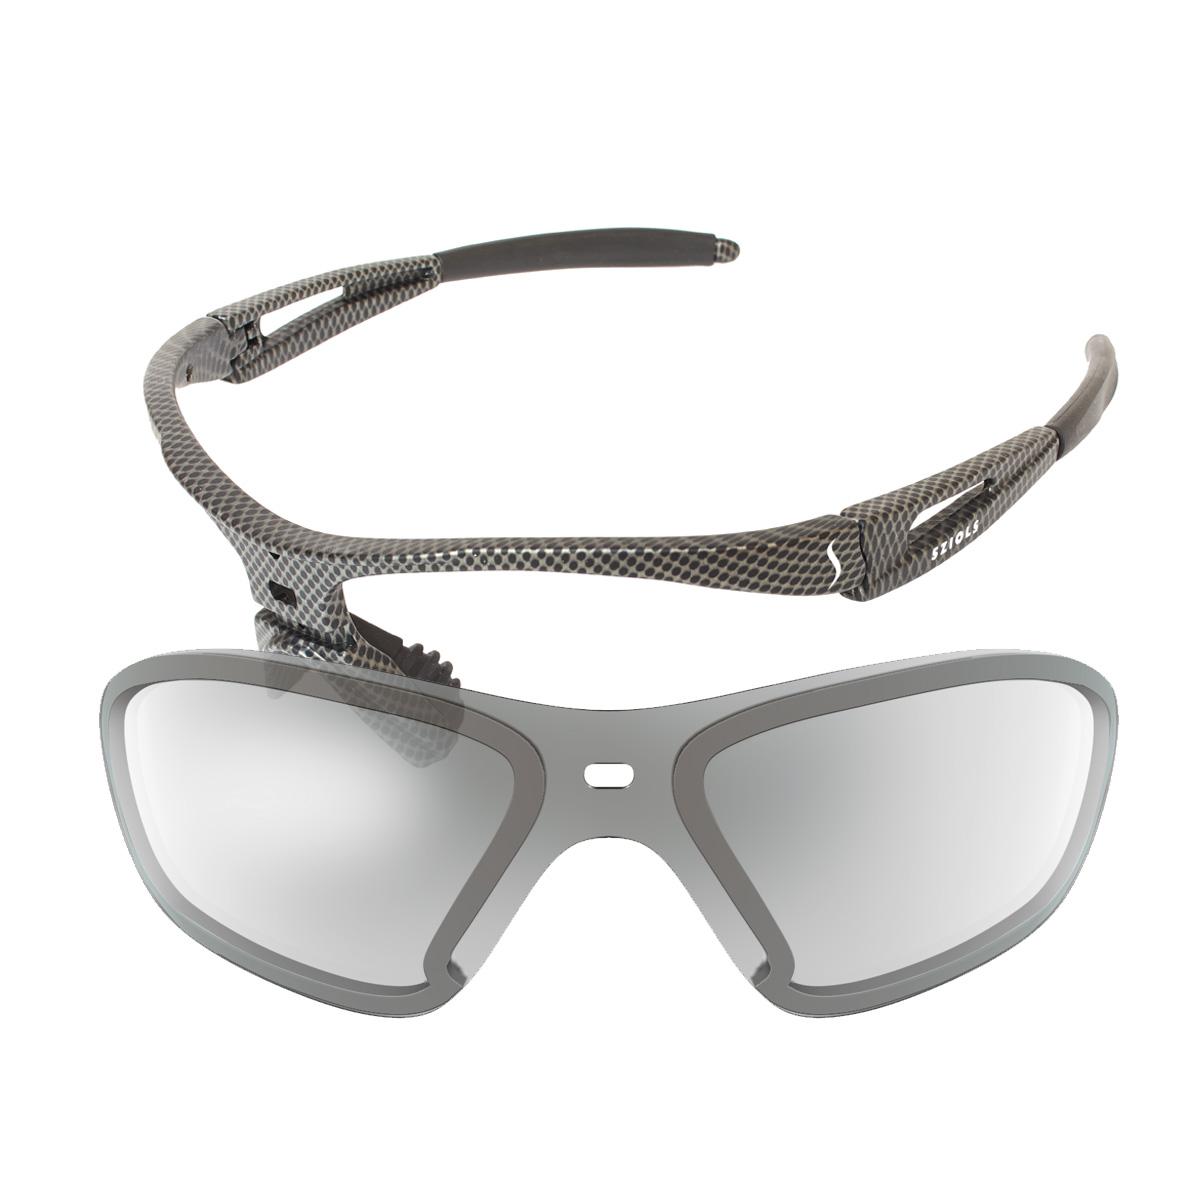 X-Kross Ski Alpin - Sziols - carbon design - msa49120